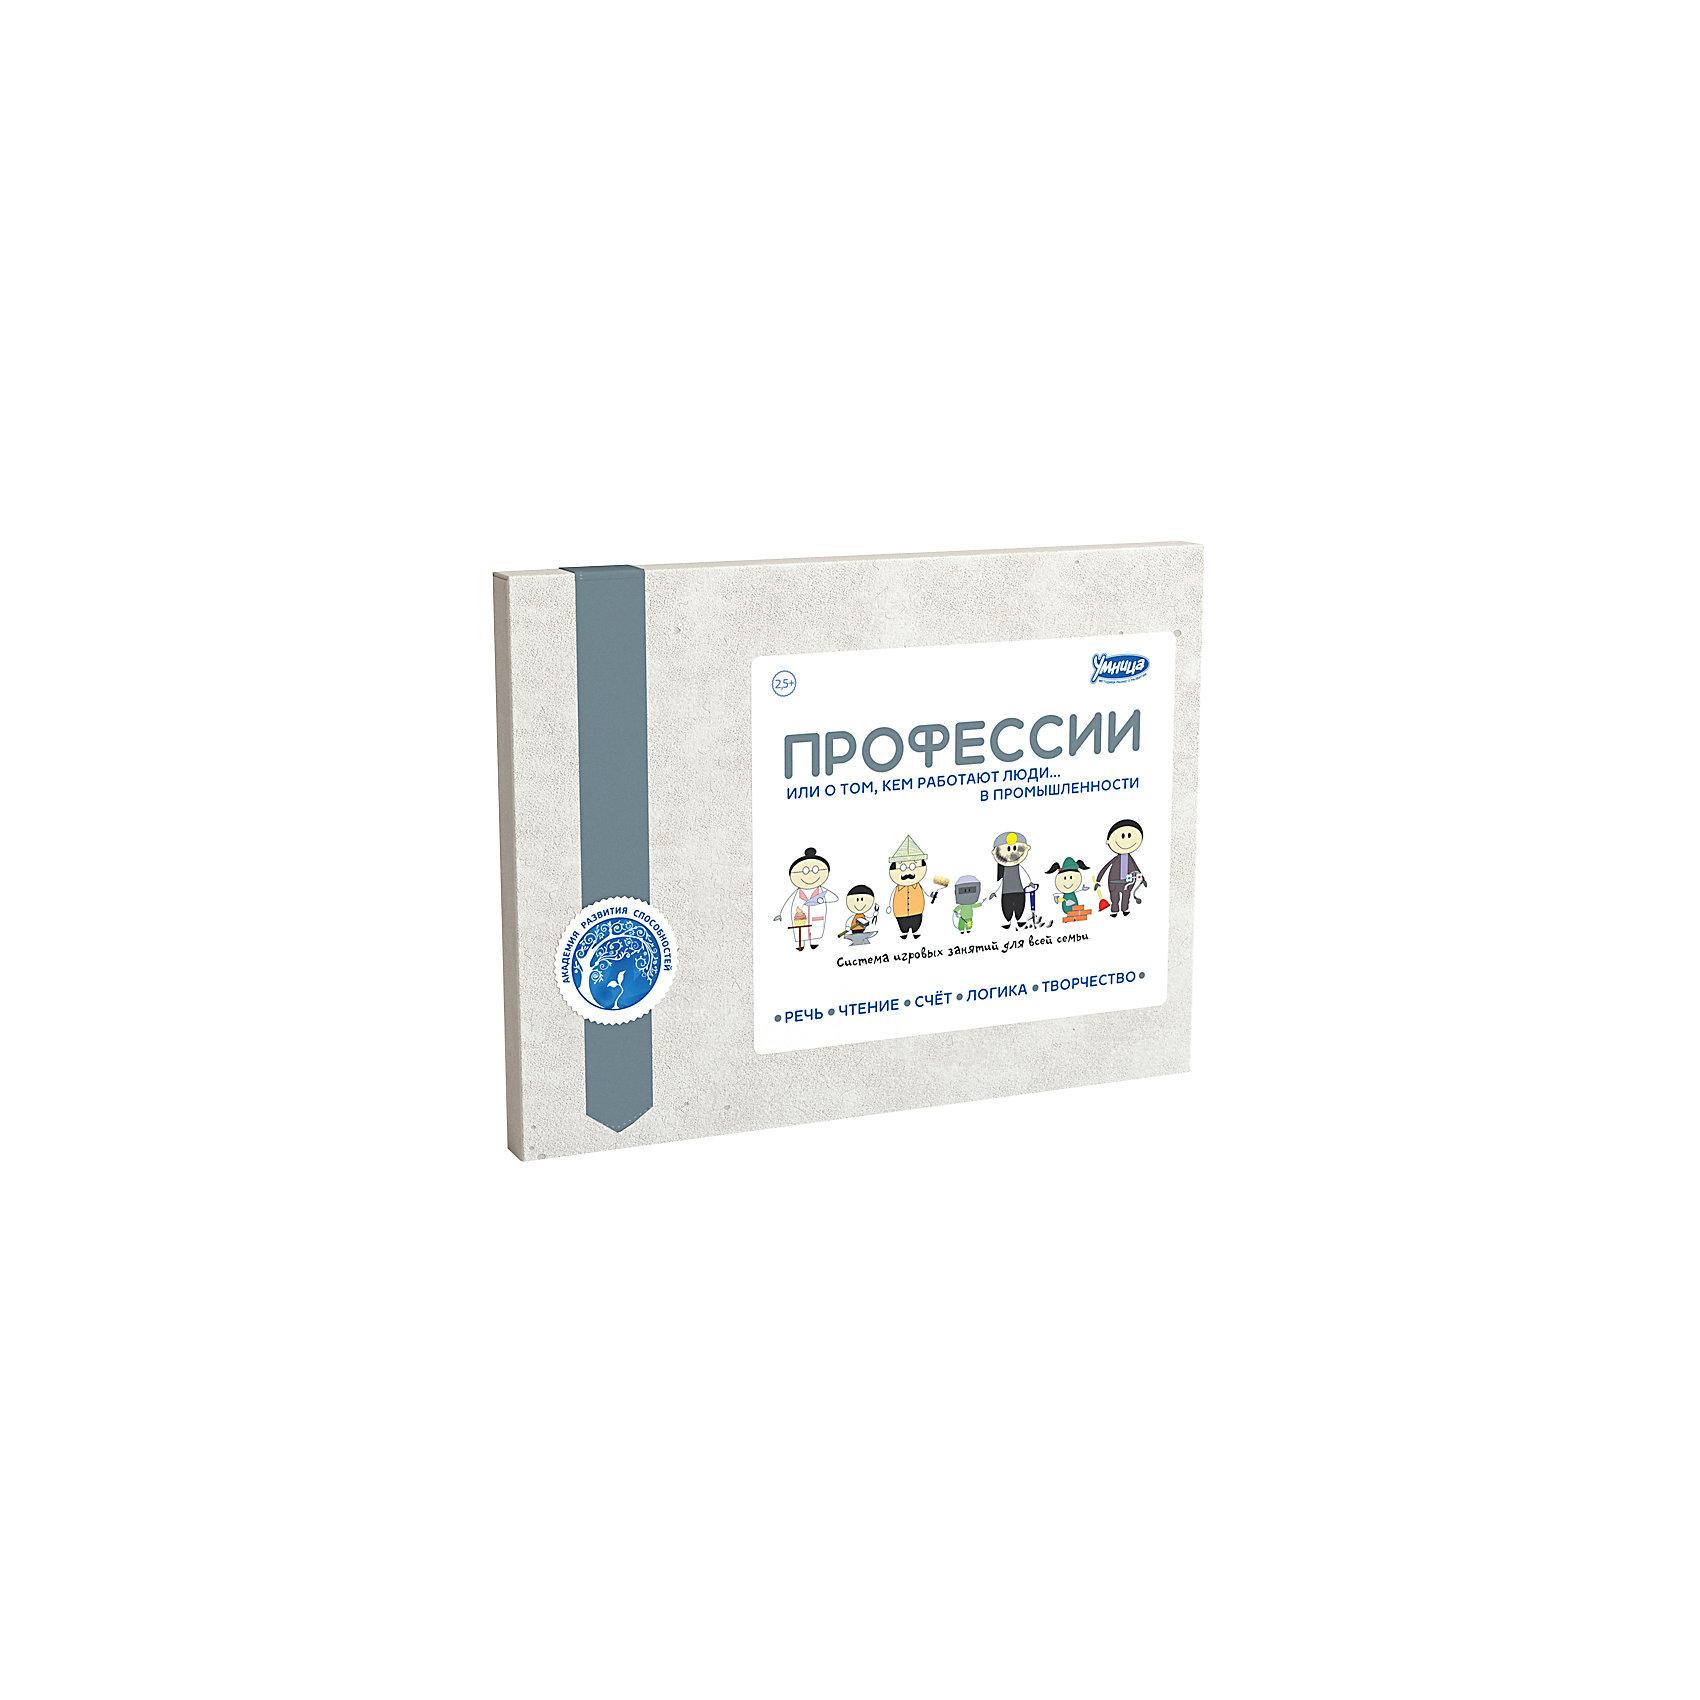 Настольная игра Профессии: НаукаУмница<br>Характеристики:<br><br>• Вид игр: обучающие, развивающие<br>• Серия: Развивающие книги<br>• Пол: универсальный<br>• Материал: картон, бумага<br>• Комплектация: 3 книги о профессиях, набор карточек с буквами и цифрами, комплект игровых фишек<br>• Тип упаковки: картонная коробка<br>• Размеры упаковки (Д*Ш*В): 30,5*23,5*28 см<br>• Вес в упаковке: 1 кг 240 г<br><br>Книга Профессии: Наука состоит из 3 книжек, в которых приведено описание рода занятий людей, занятых научными исследованиями и изобретениями. Каждая профессия сопровождается иллюстративным материалом и текстами. Текстовая часть приведена в сжатой форме и адаптирована для детей дошкольного возраста. Дополнительно в комплекте предусмотрены рекомендации для родителей. <br><br>Книга Профессии: Наука выполнена по типу комплексной методики: она содержит в себе не только обучающий материал (порядка 100 занятий), но и задания для закрепления пройденного материала. Занятия с данной книгой позволят расширить словарный запас слов, обогатить кругозор вашего ребенка и повысить уровень его эрудиции.<br><br>Книгу Профессии: Наука можно купить в нашем интернет-магазине.<br><br>Ширина мм: 305<br>Глубина мм: 235<br>Высота мм: 280<br>Вес г: 1240<br>Возраст от месяцев: 36<br>Возраст до месяцев: 2147483647<br>Пол: Унисекс<br>Возраст: Детский<br>SKU: 5523177